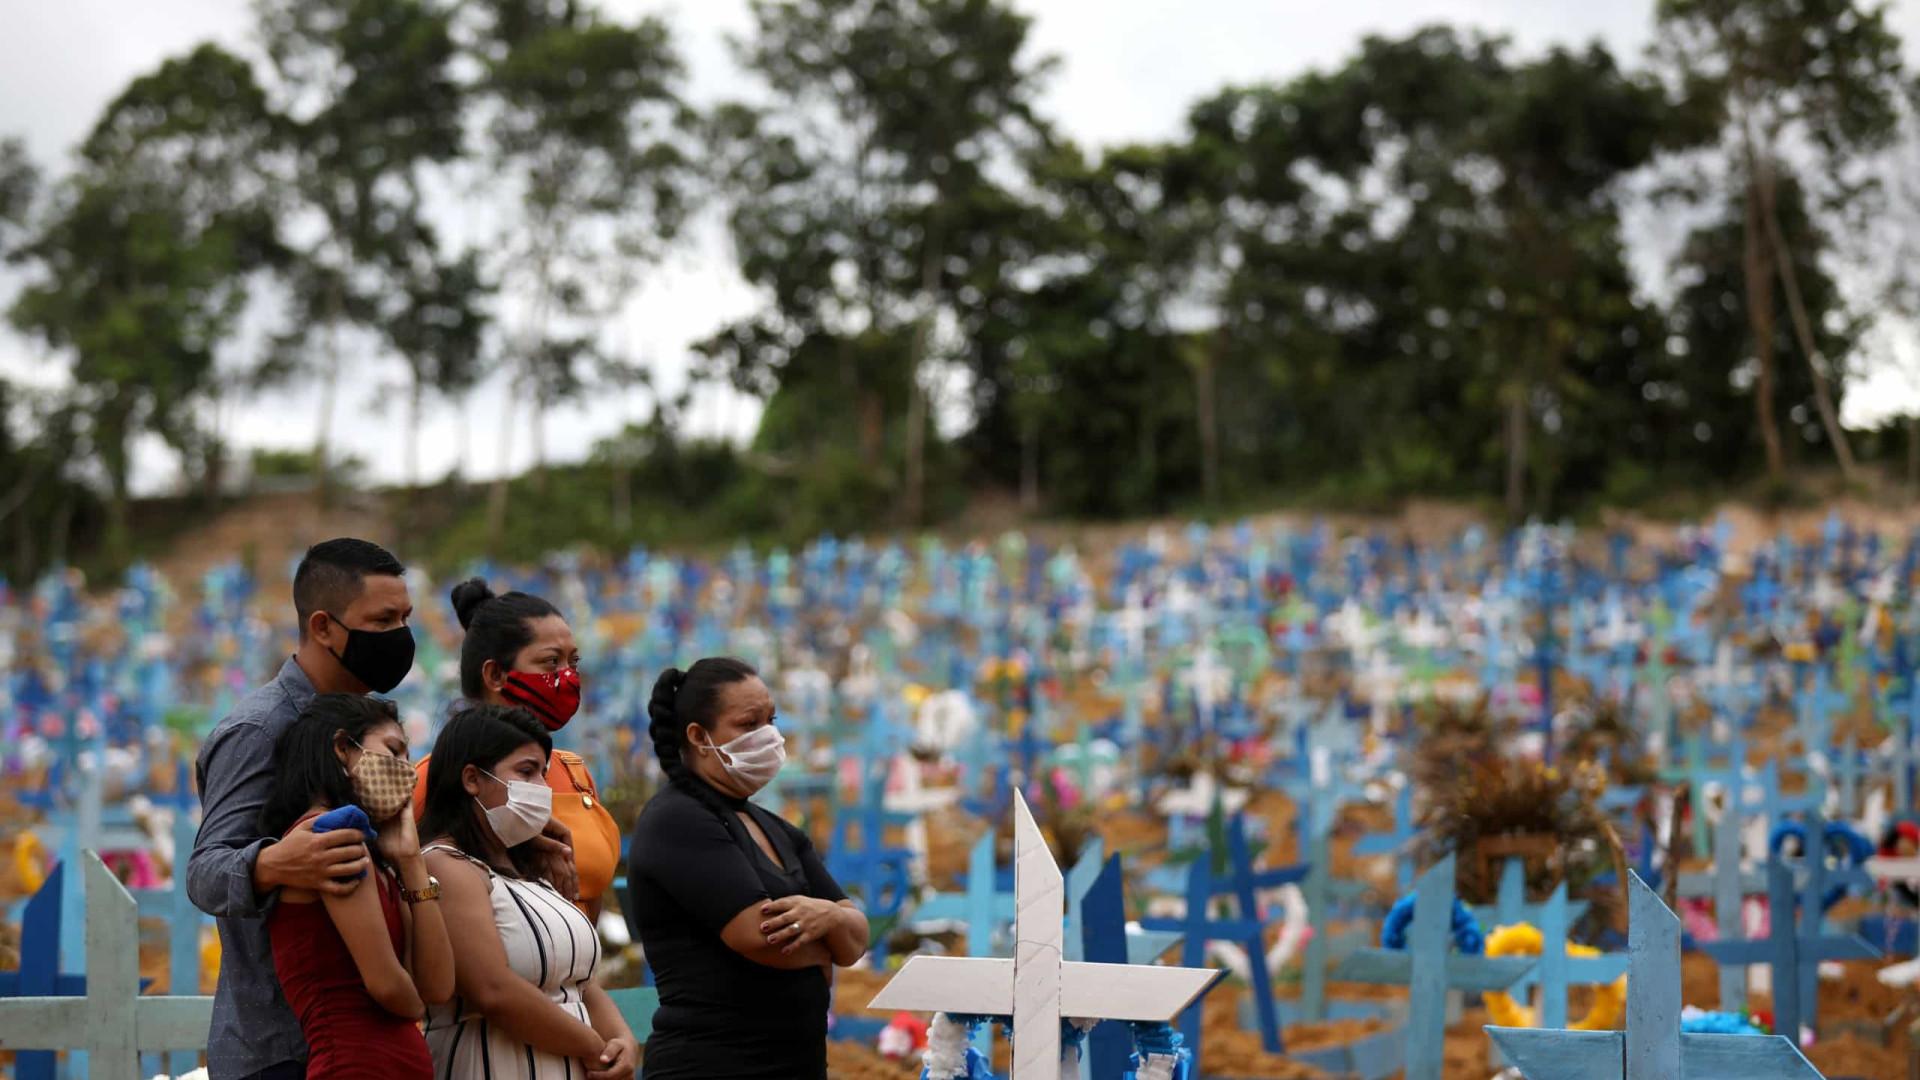 Saúde: Brasil registra 376 mortes por covid-19 em 24h; total é de 177.317 -